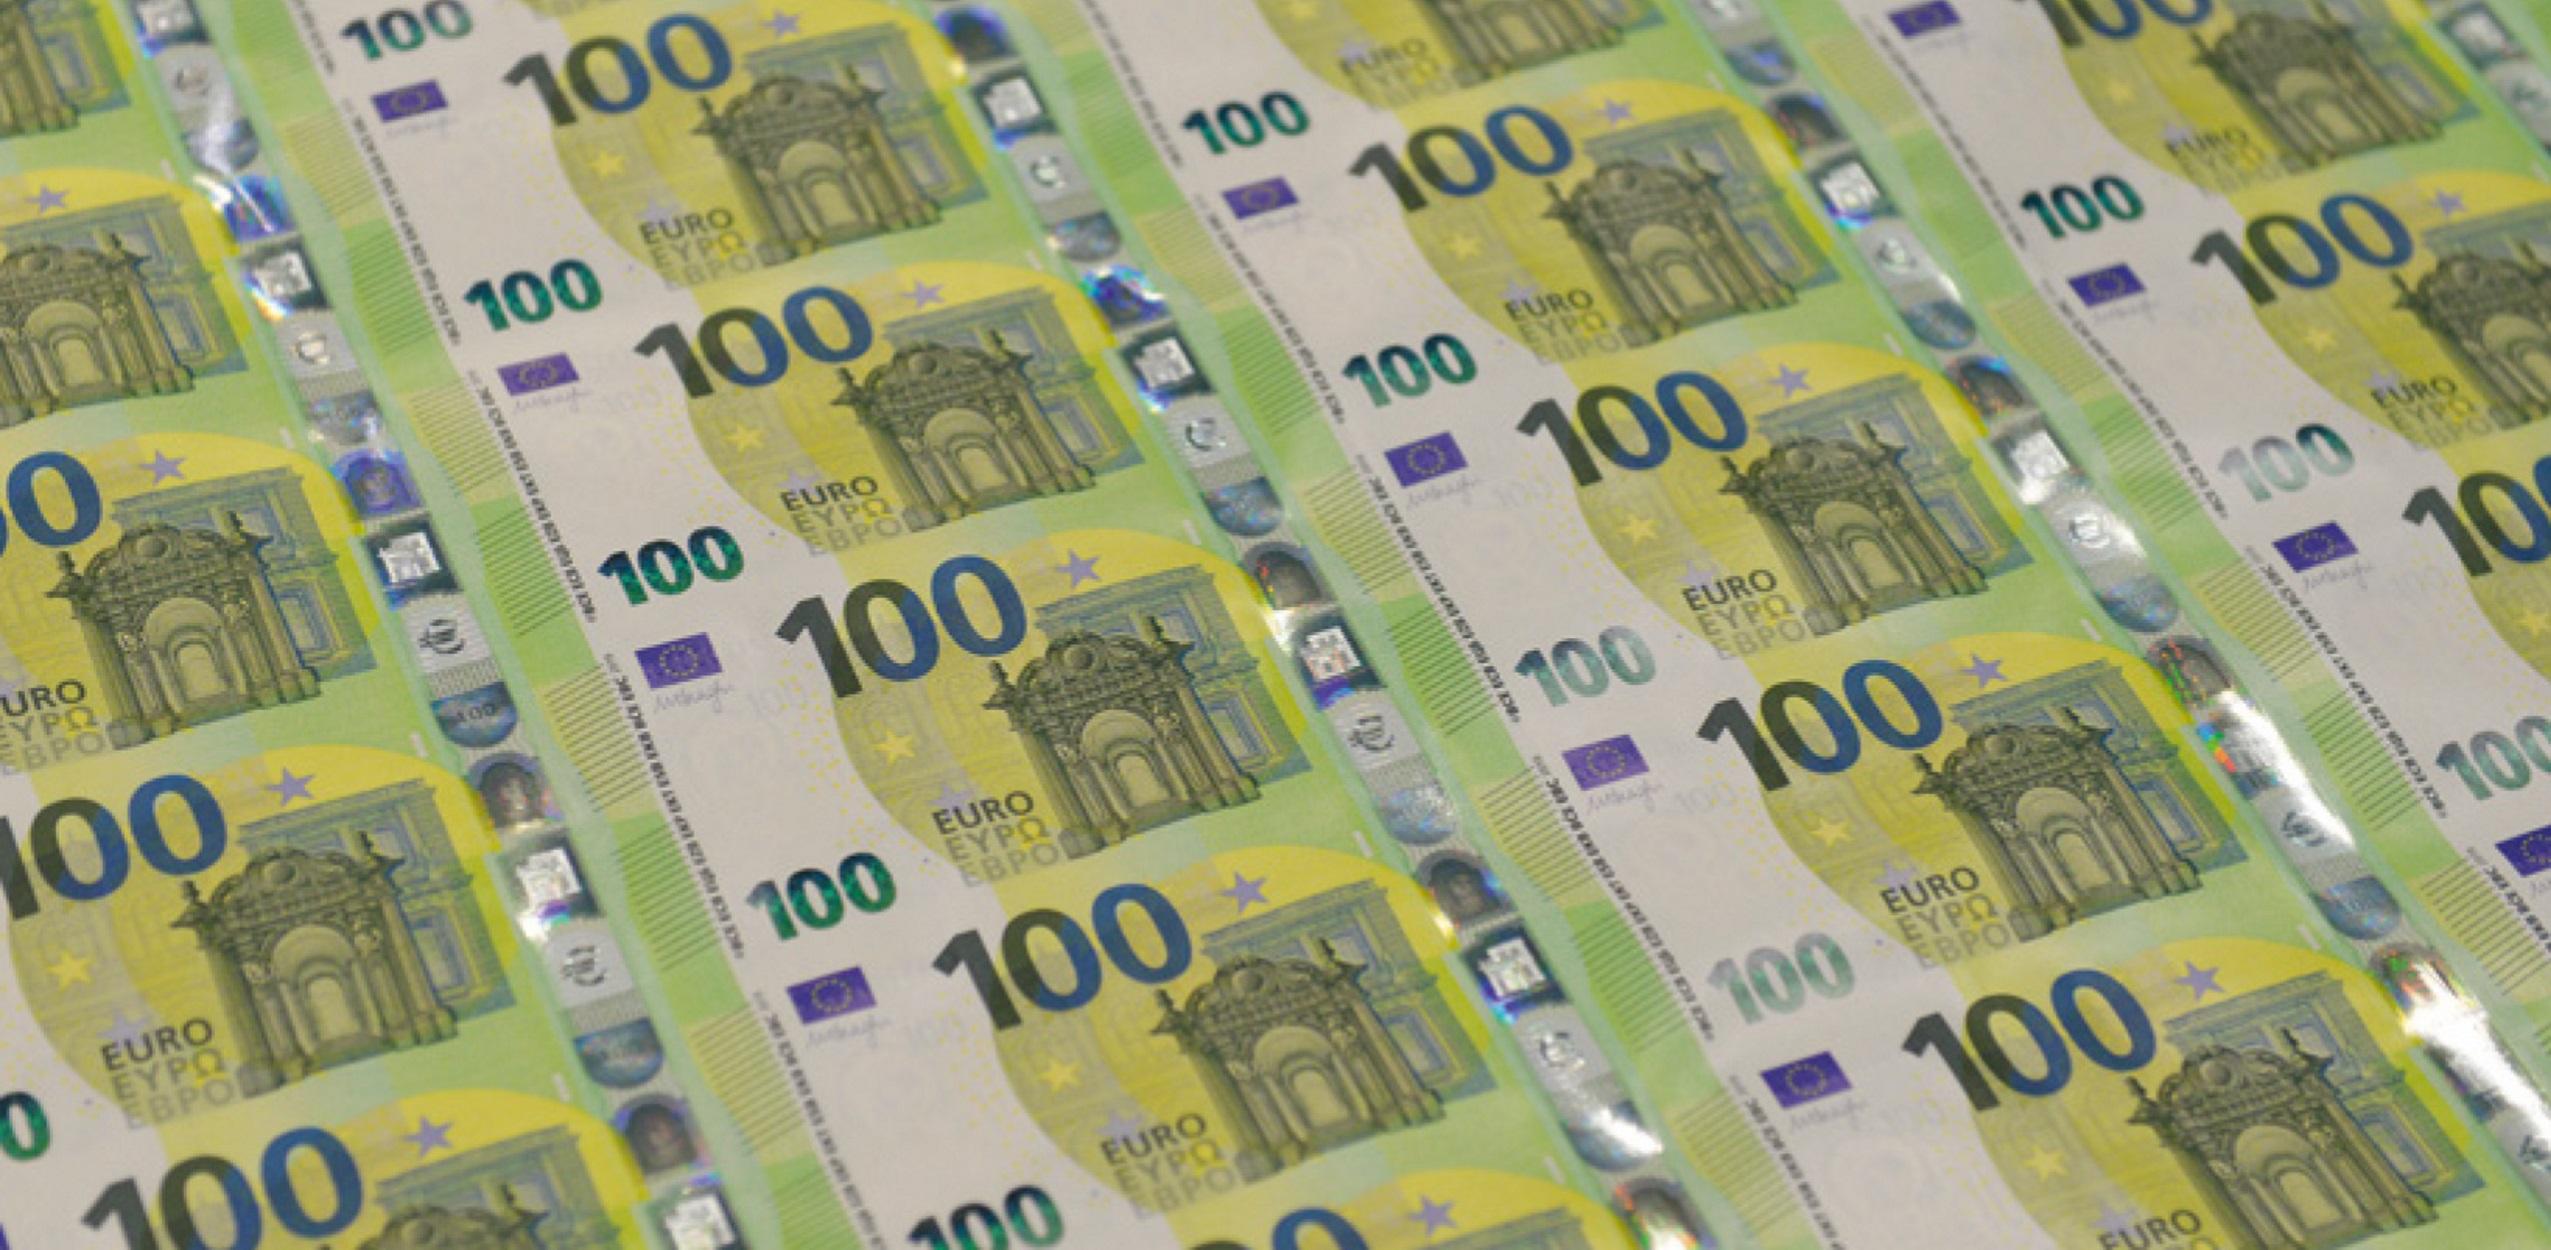 """Ευρωζώνη: Ανοίγει η συζήτηση ίδρυσης """"κακής τράπεζας"""" για τα """"κόκκινα δάνεια"""""""